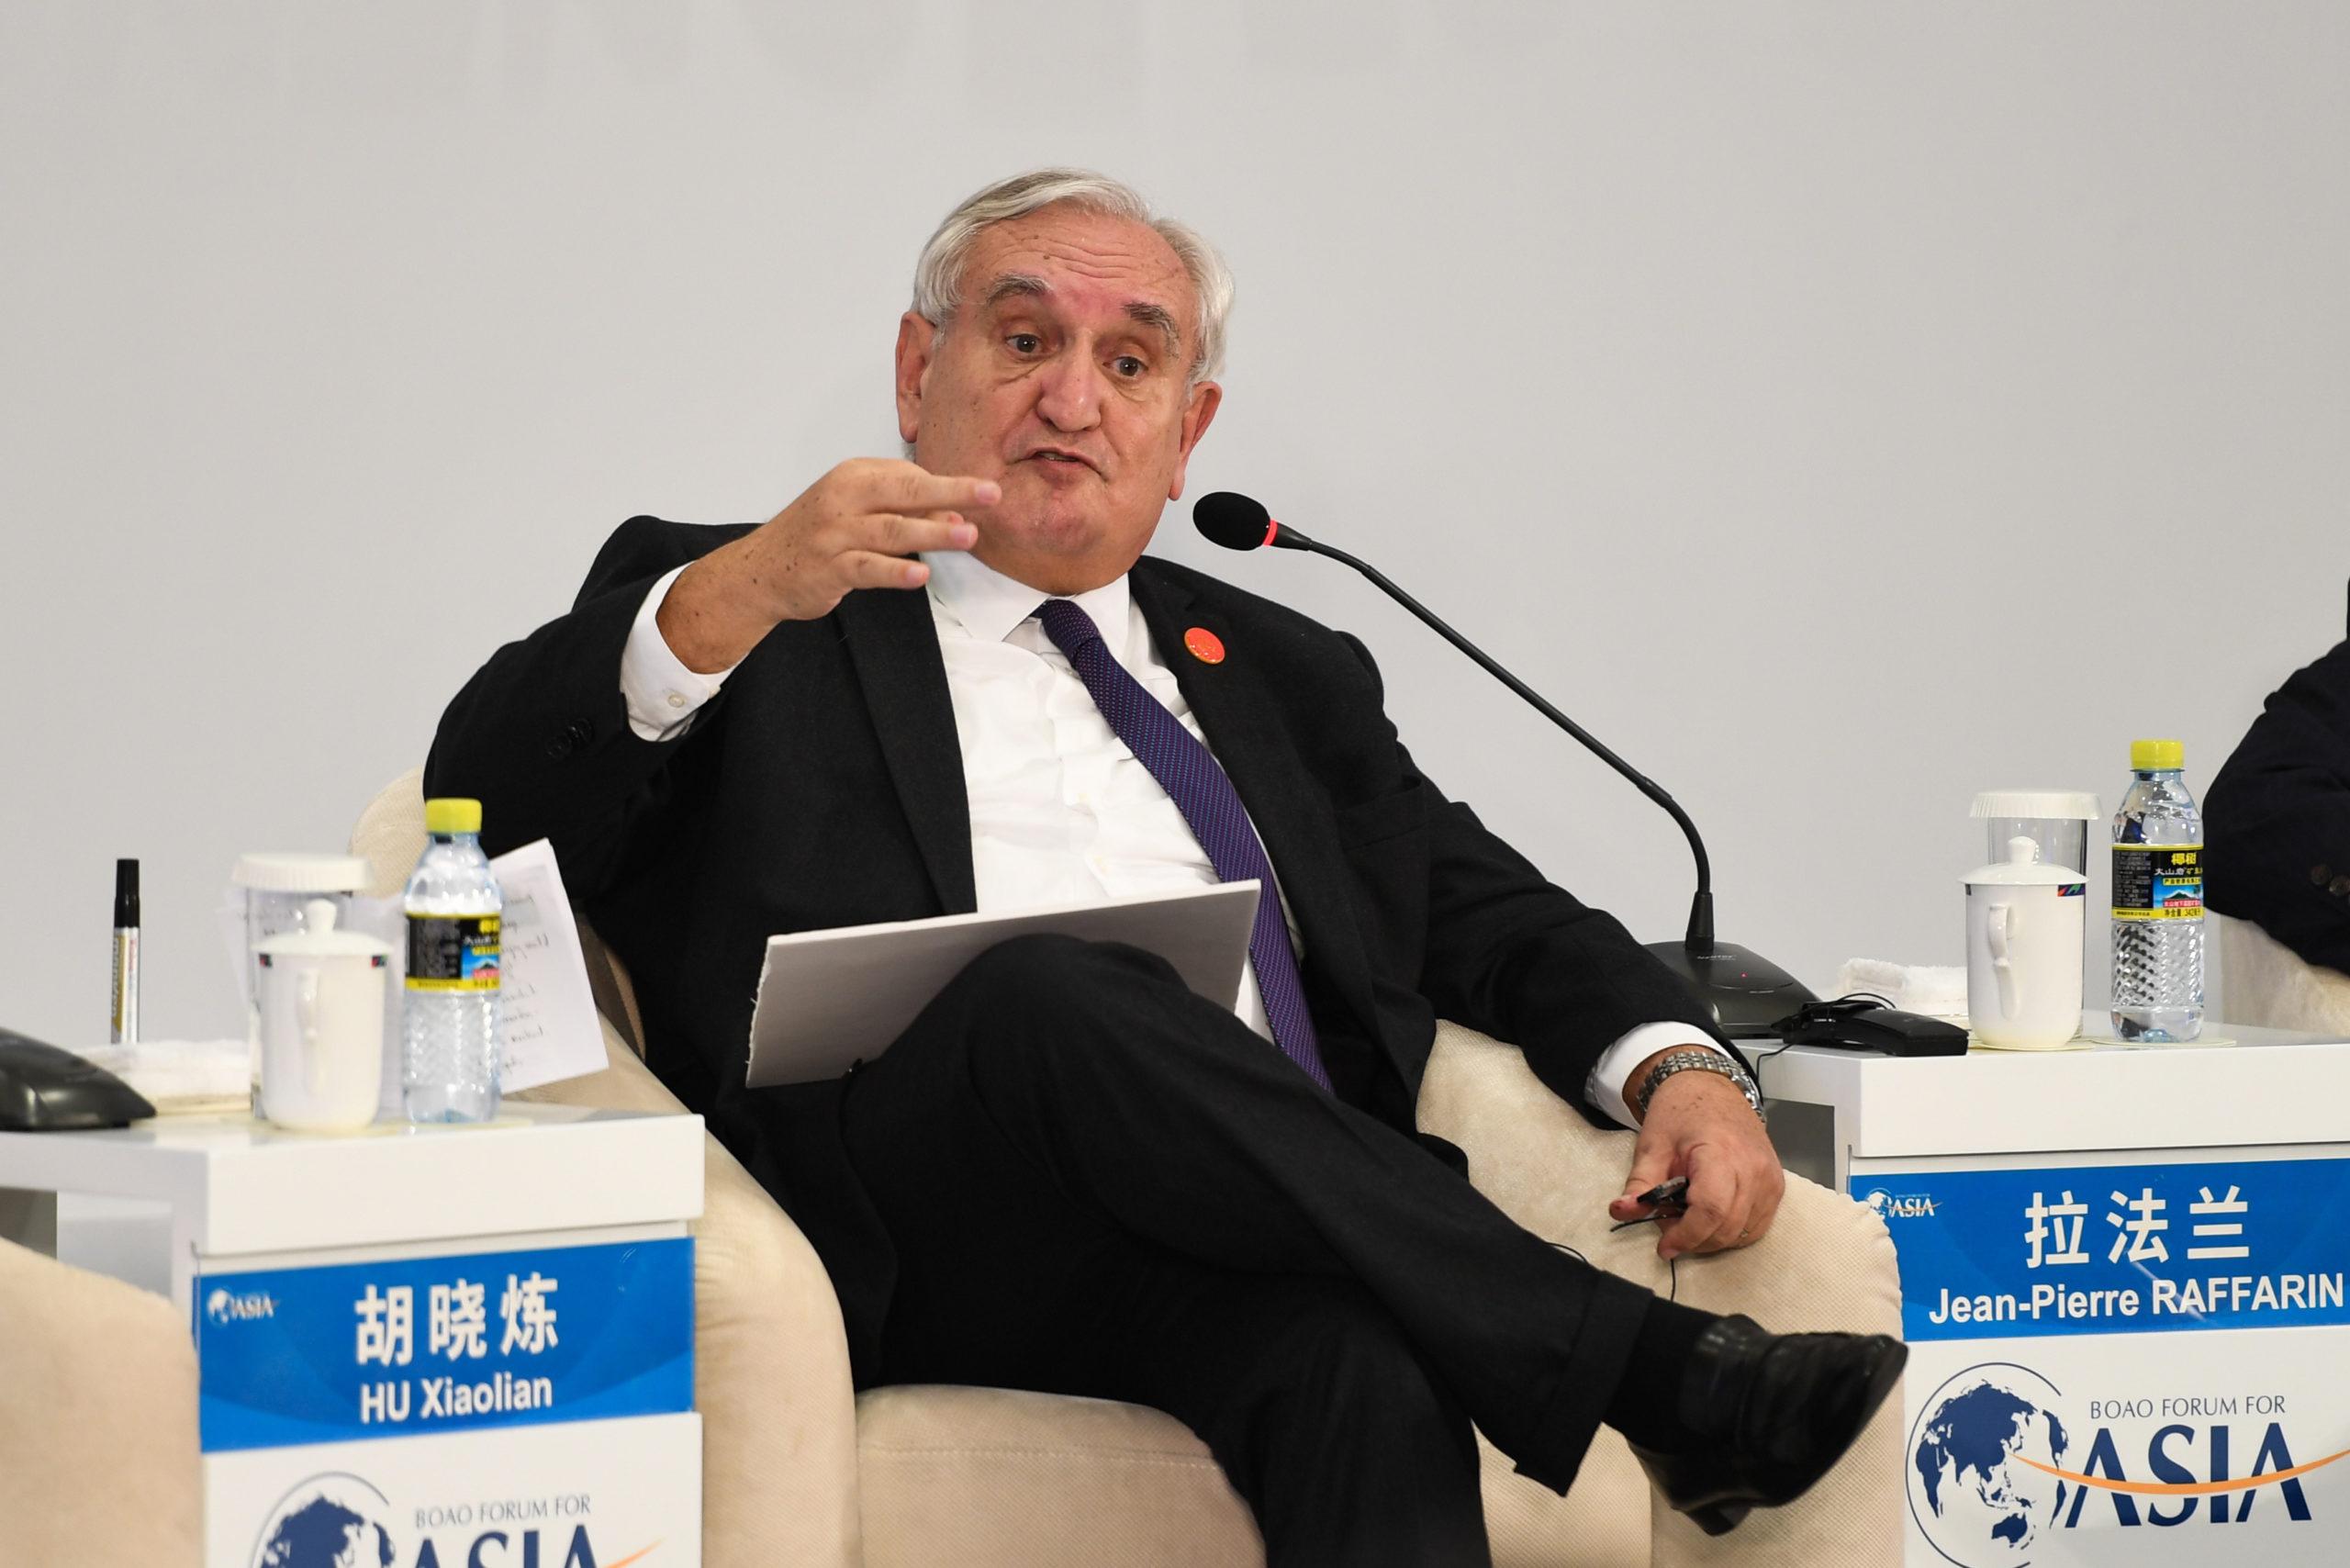 """Le 10 avril 2018, l'ancien Premier ministre français Jean-Pierre Raffarin prend la parole lors d'un débat télévisé """"40 ans de réforme et d'ouverture : la Chine et le monde"""" à l'occasion de la Conférence annuelle du Forum de Boao pour l'Asie, à Boao dans la province chinoise du Hainan."""